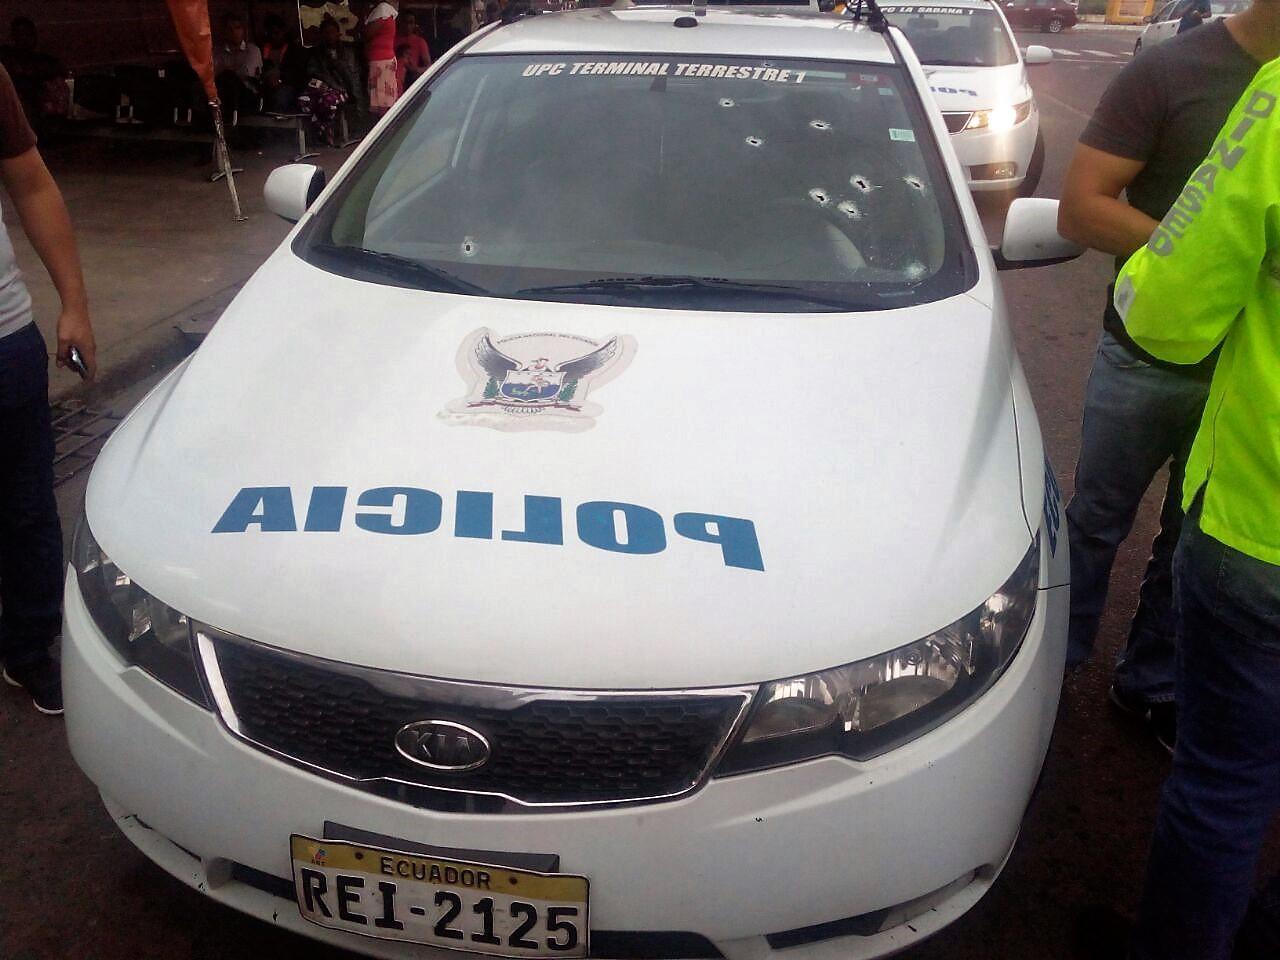 21 policías agredidos